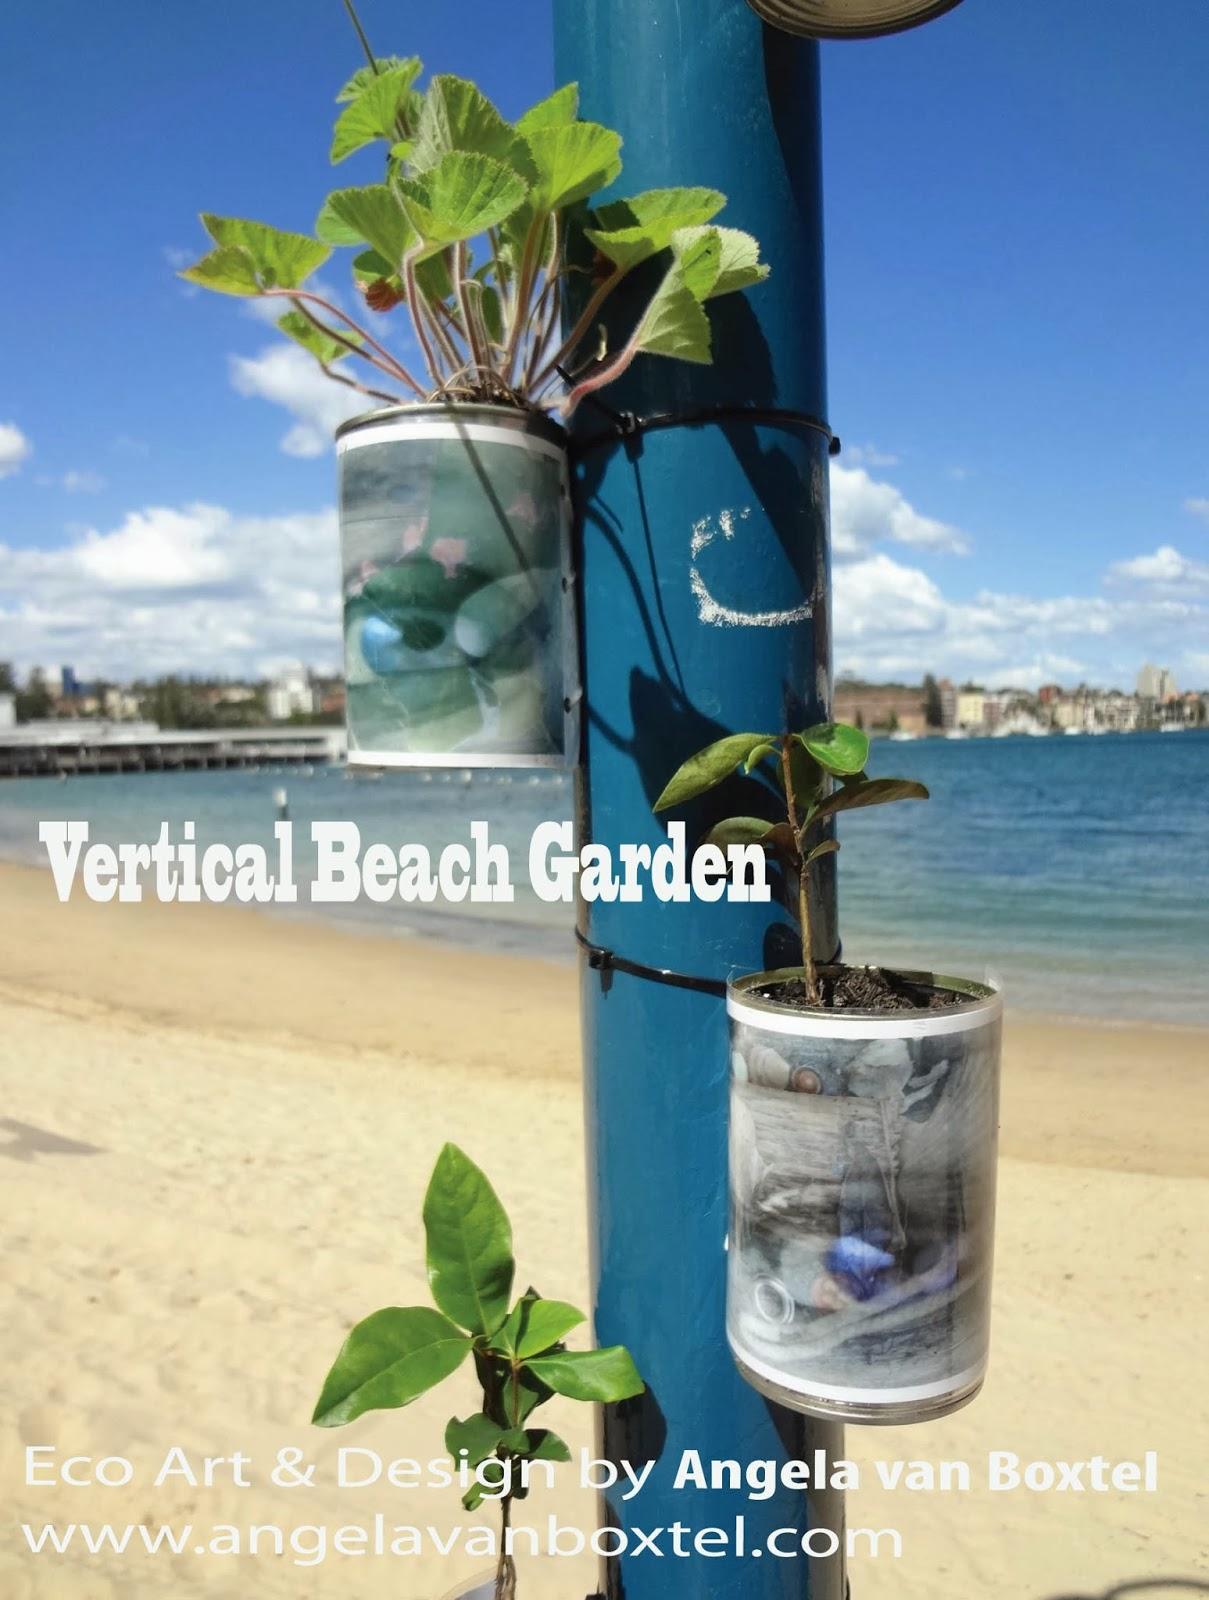 angela_van_boxtel_vertical_beach_garden3